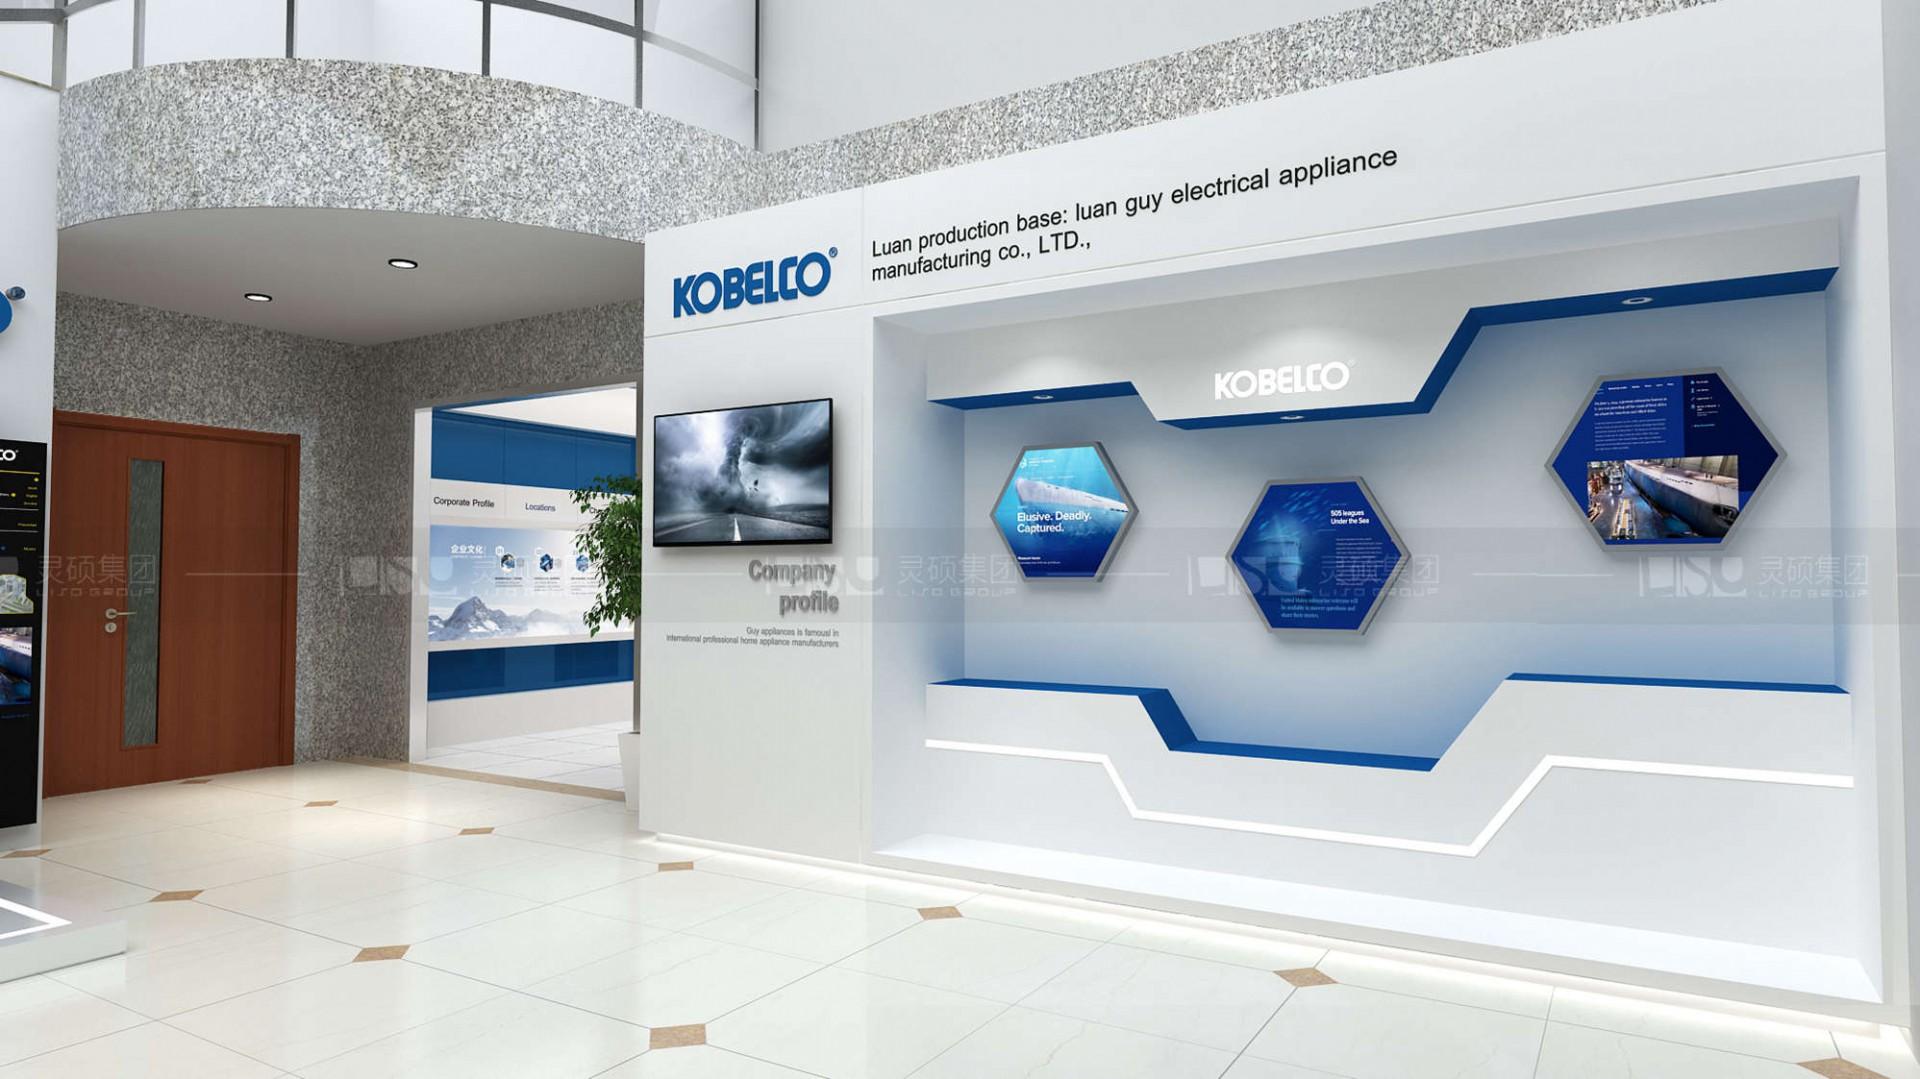 神钢集团企业展厅设计案例